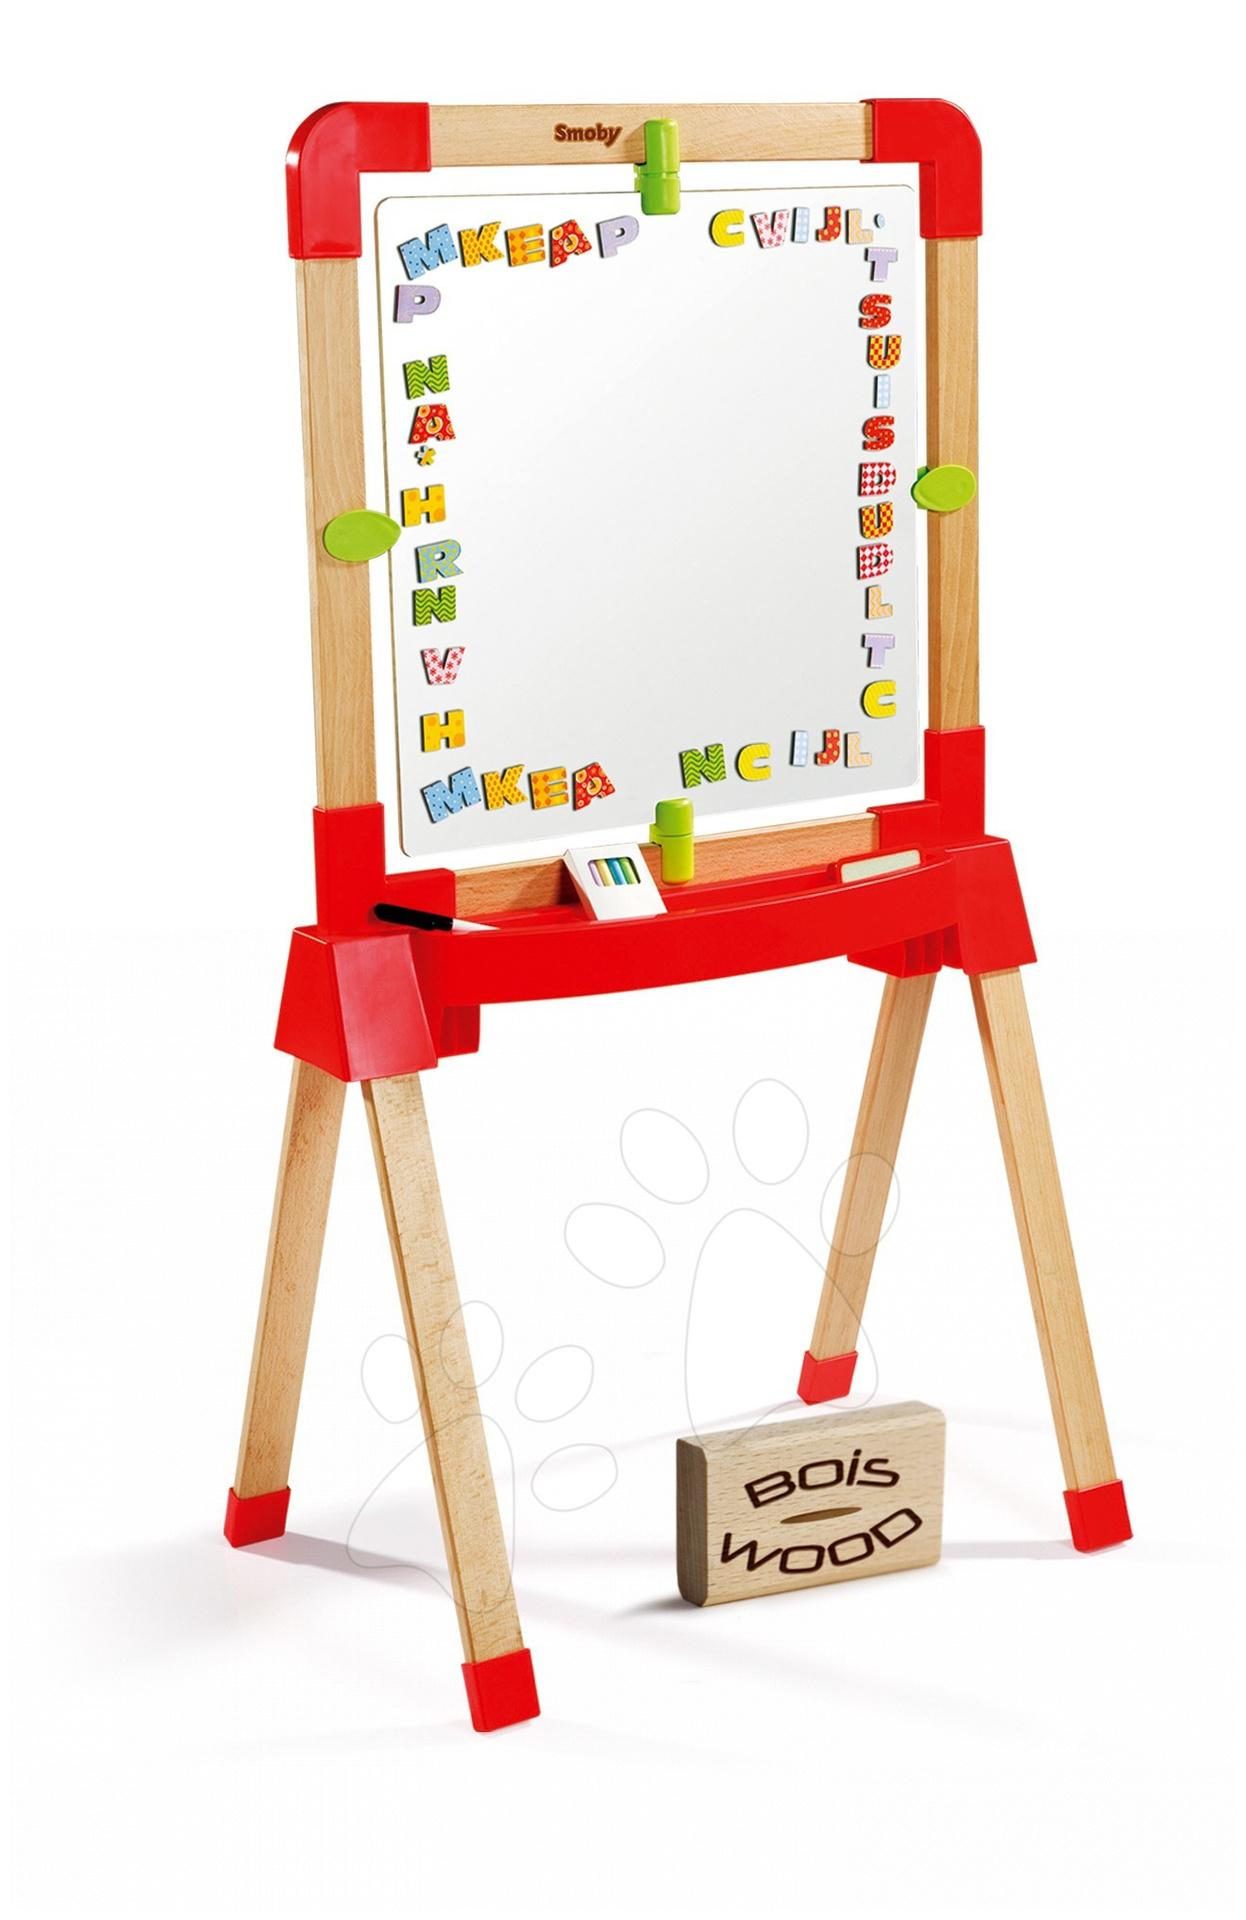 Obojstranná školská tabuľa na písanie Twist n' Play Smoby s drevenou konštrukciou a 69 doplnkov